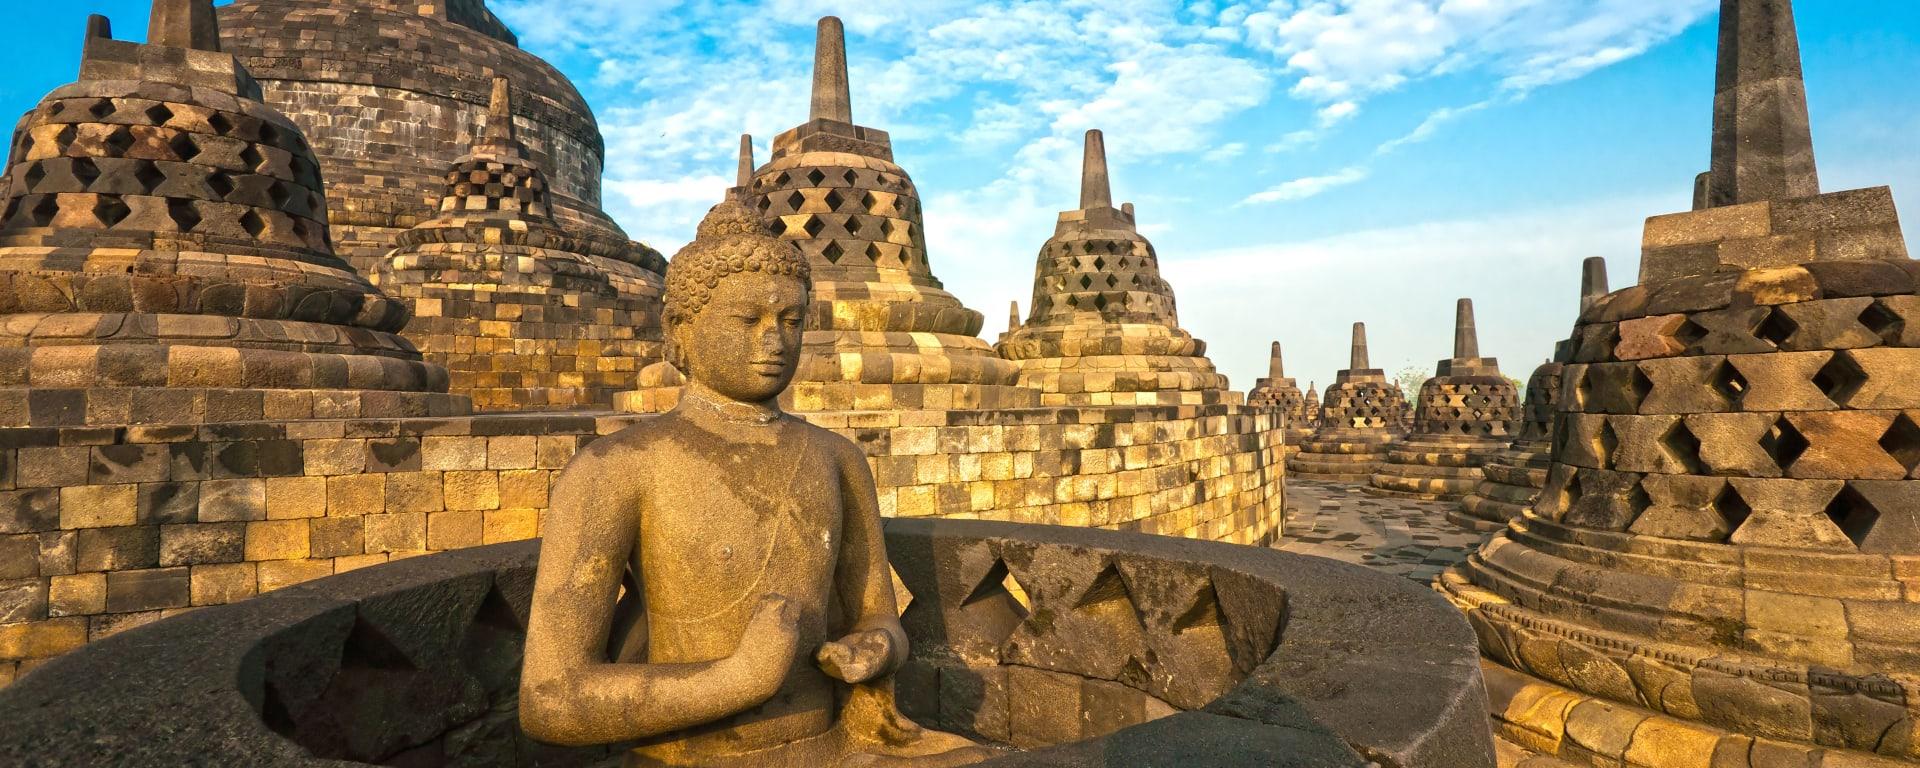 Indonesien entdecken mit Tischler Reisen: Indonesien Java Borobudur